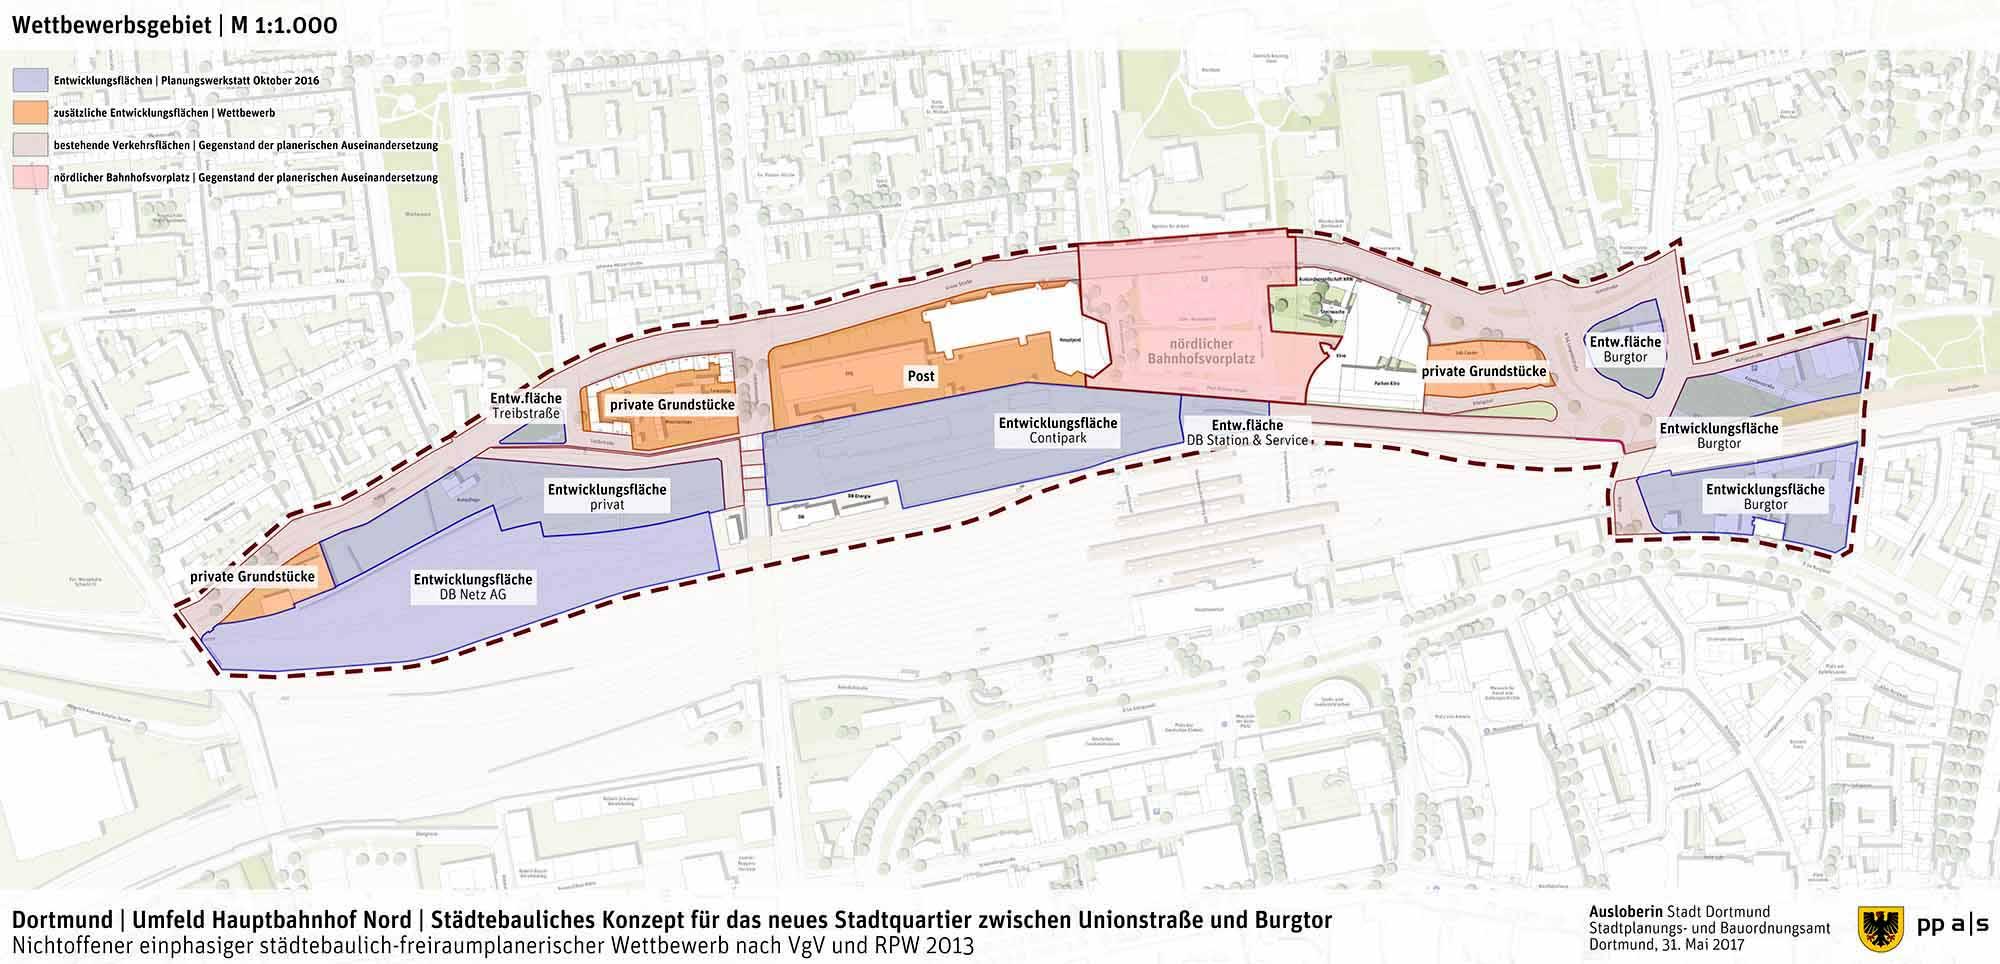 Das Wettbewerbsgebiet auf der Nordseite des Dortmunder Hauptbahnhofs.